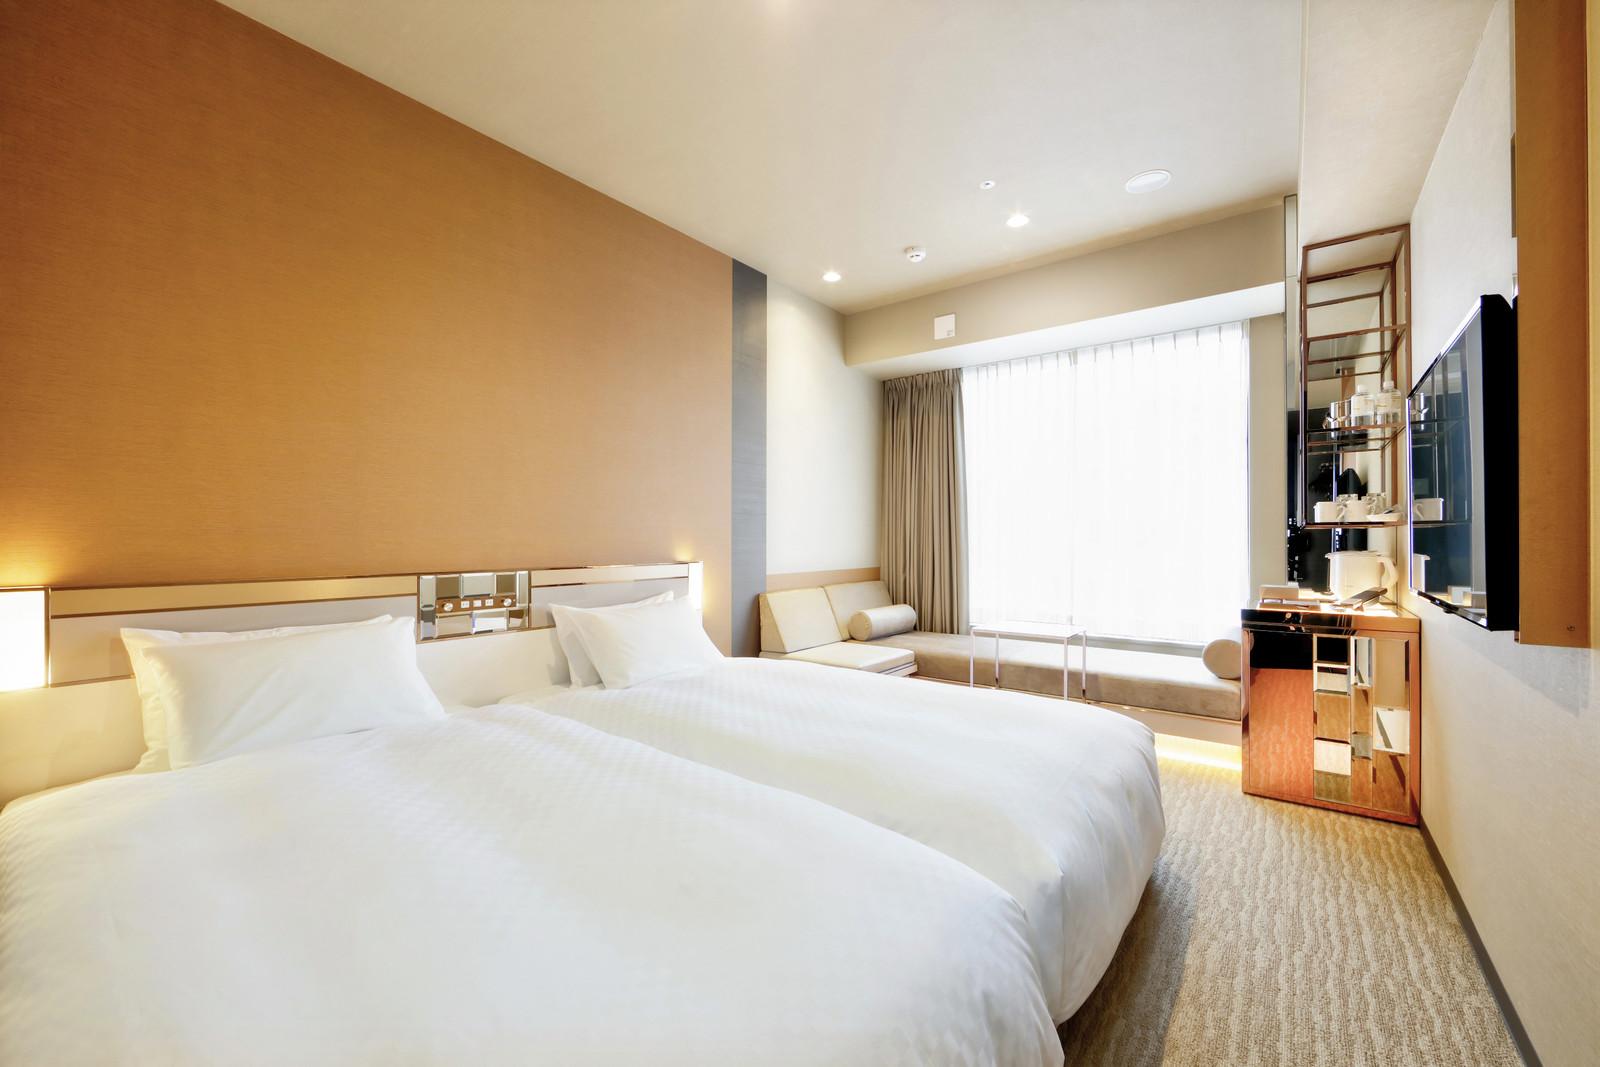 カンデオホテルズ東京六本木 / エグゼクティブツイン